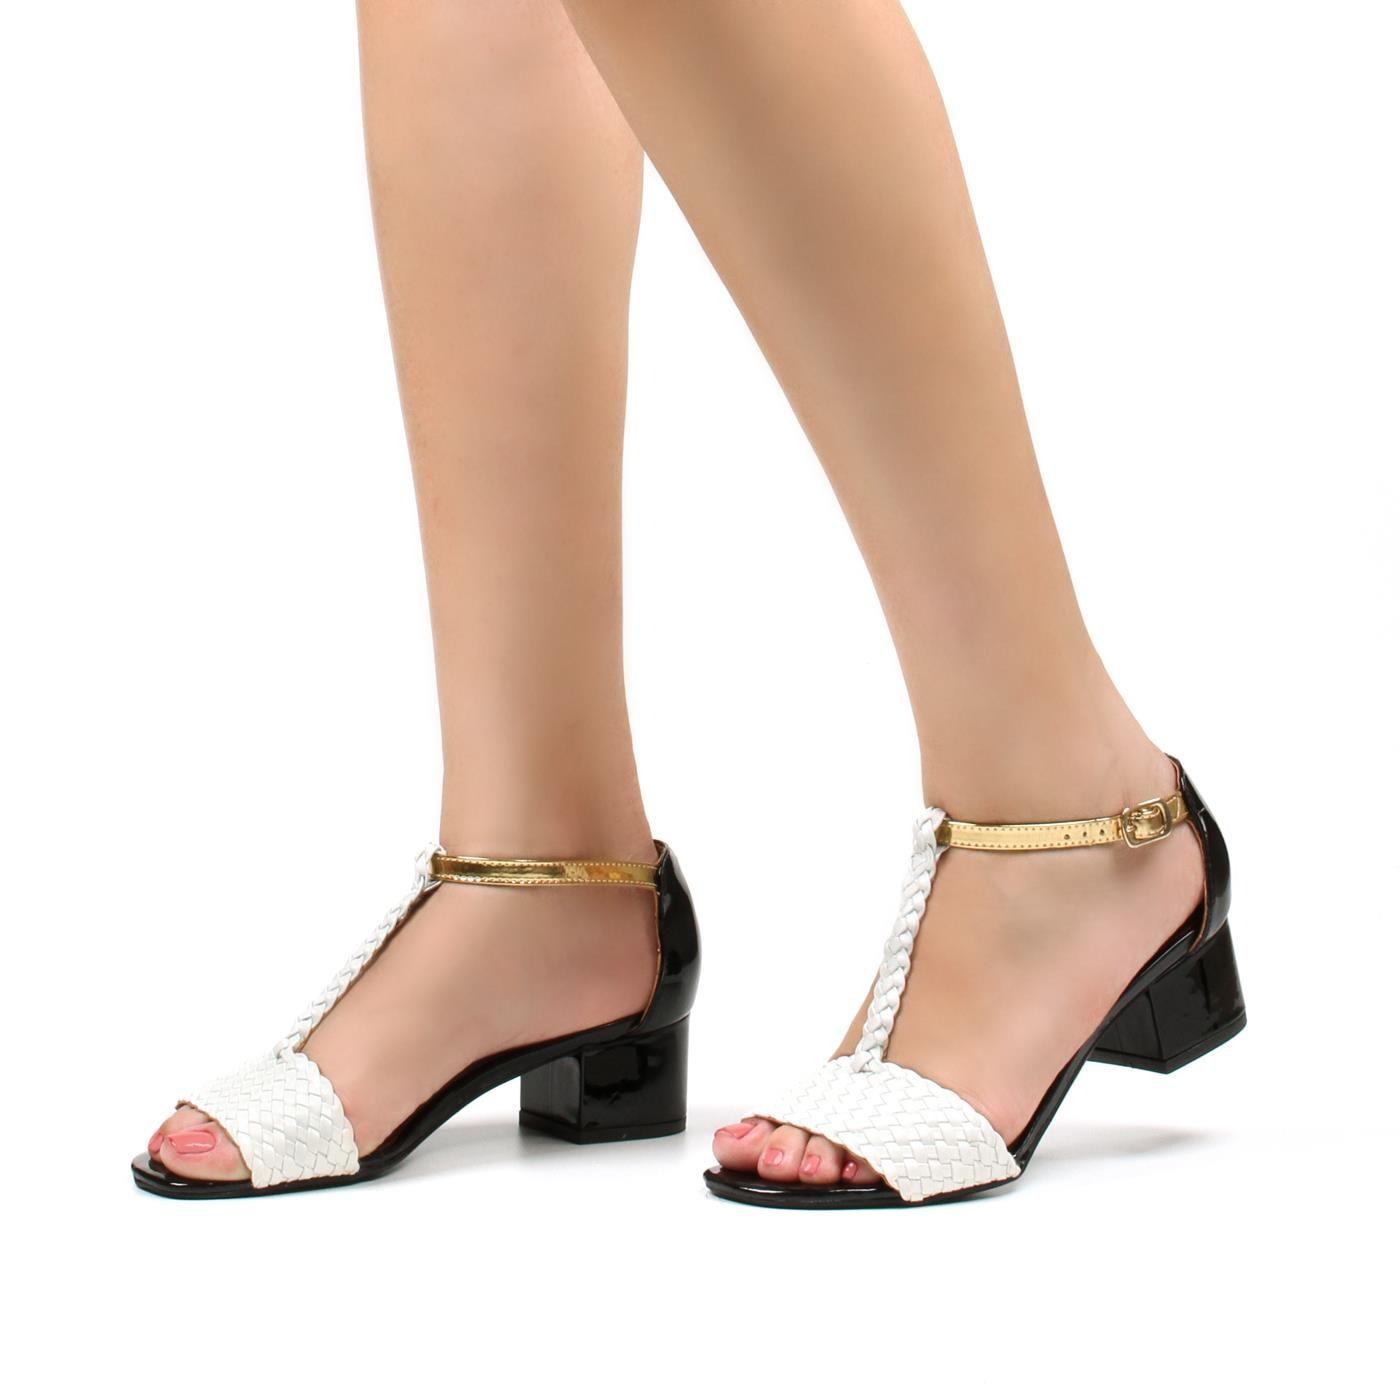 fb53c7065 SANDÁLIA TRISSÊ SALTO BAIXO Sapatos Confortáveis Para Trabalhar, Sapato  Esporte Fino, Sandalia Salto Baixo